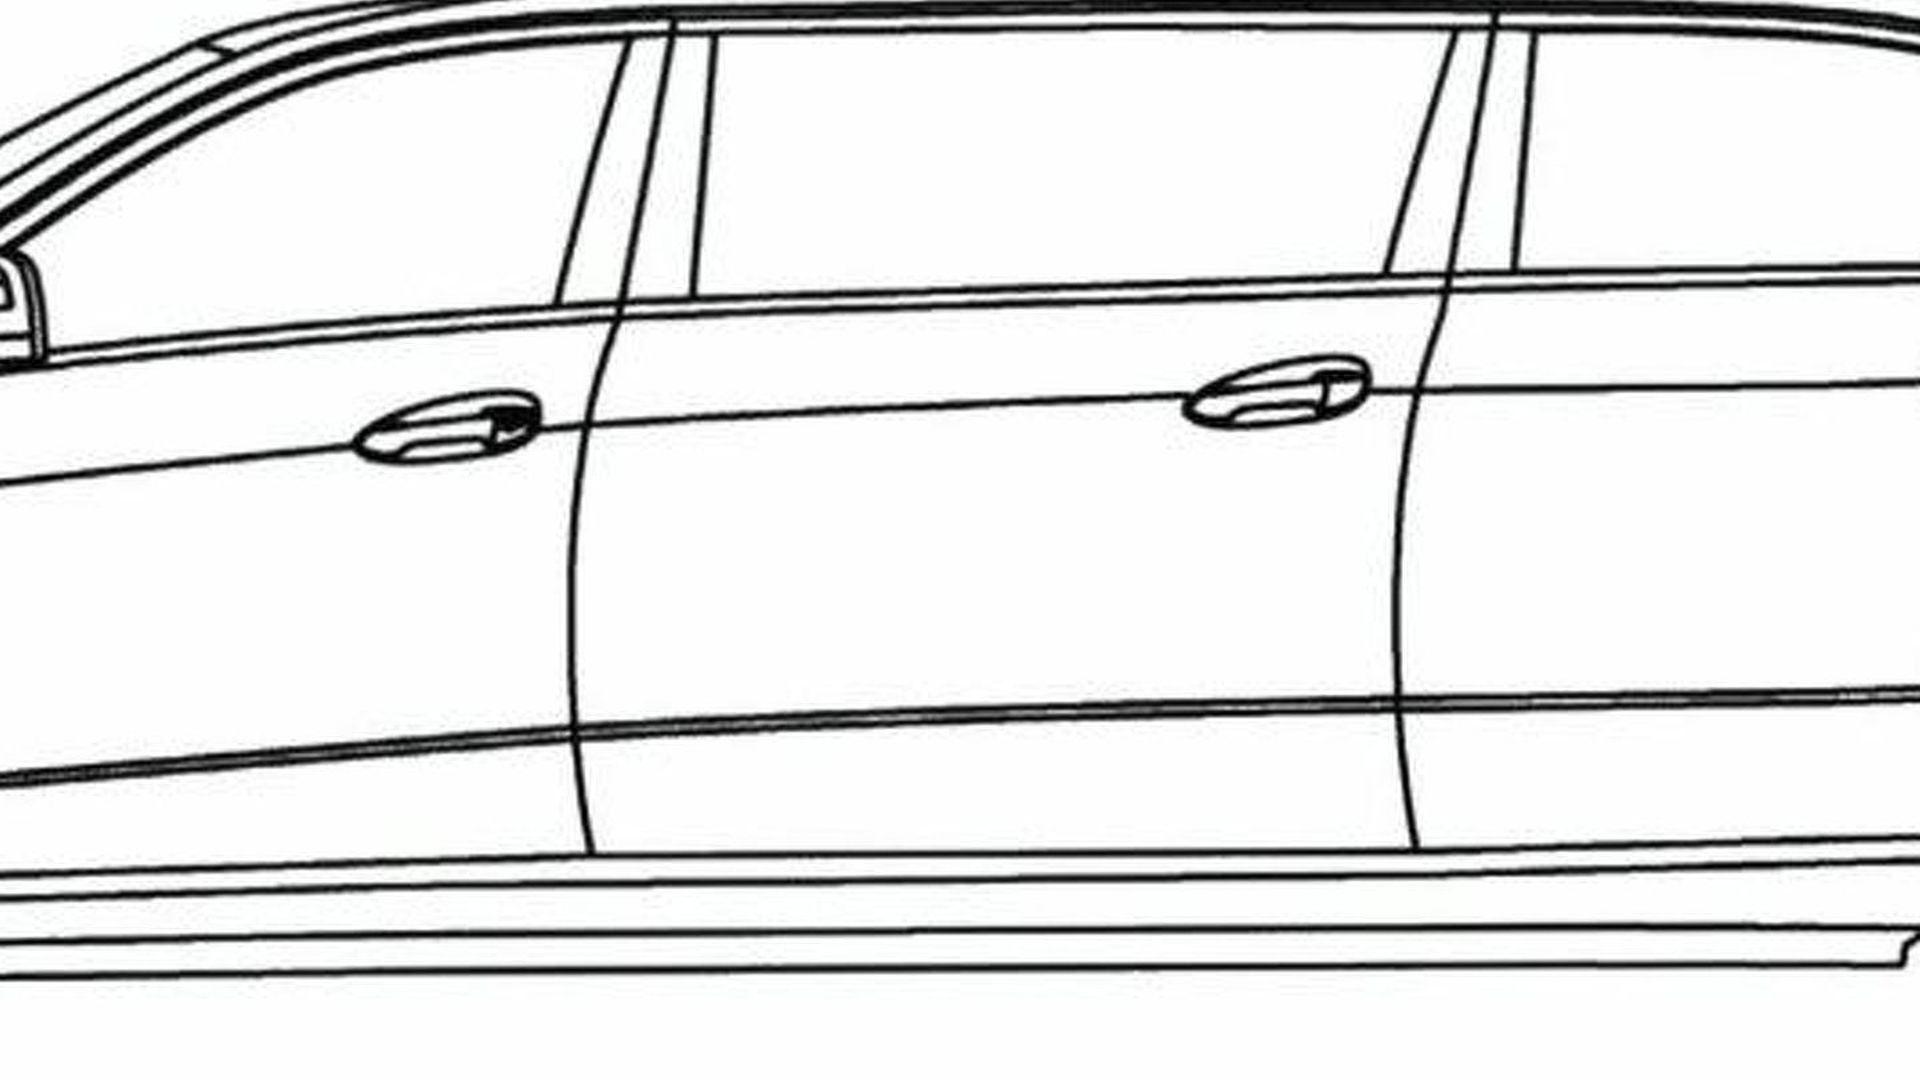 1997 audi a6 quattro fuse box diagram 1997 audi a6 wagon